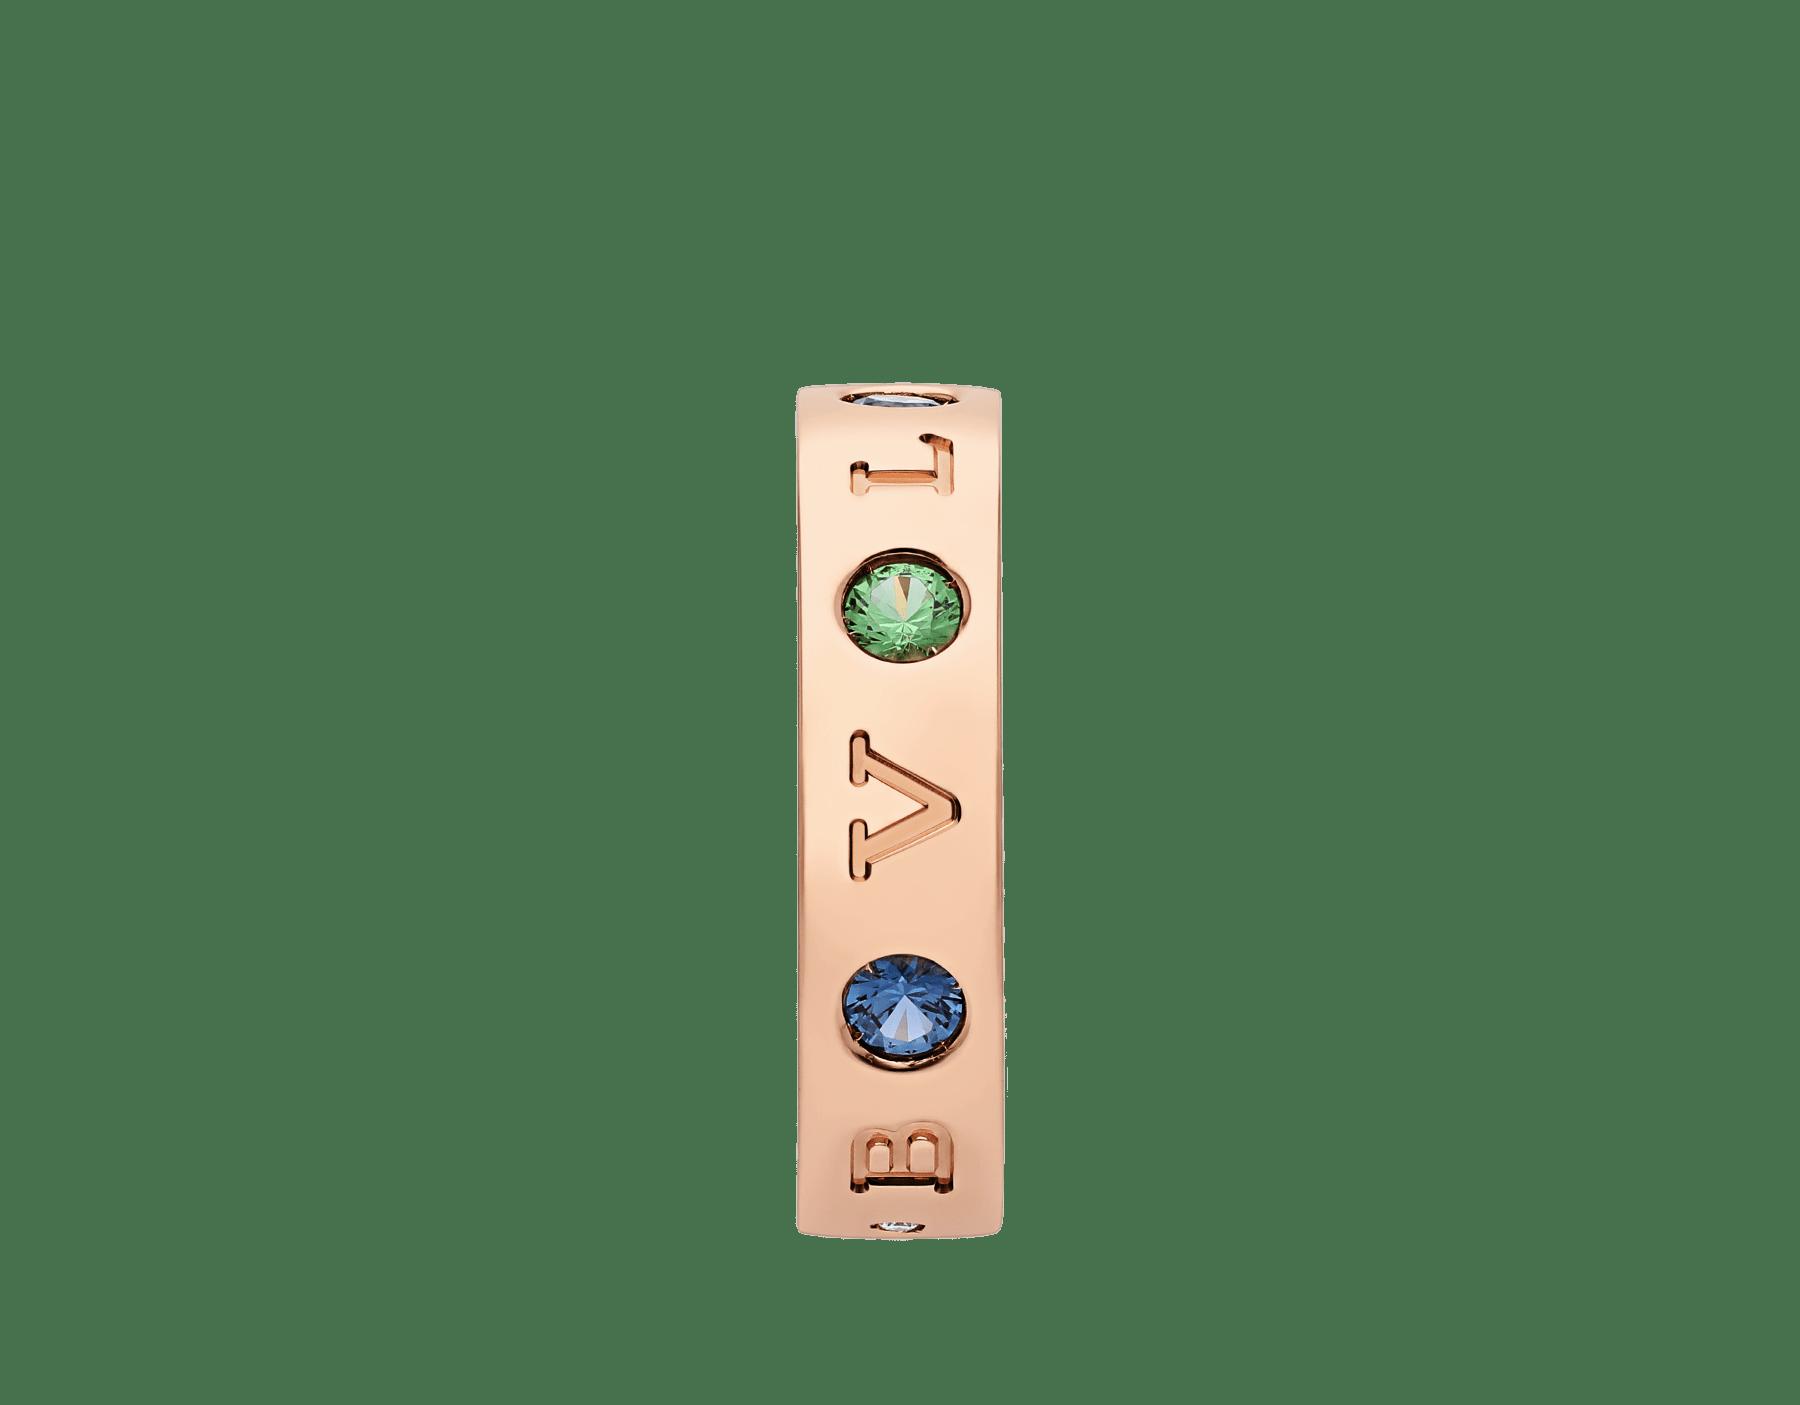 Anillo BVLGARI BVLGARI en oro rosa de 18qt con zafiros azules y tsavoritas engastados. AN857671 image 2